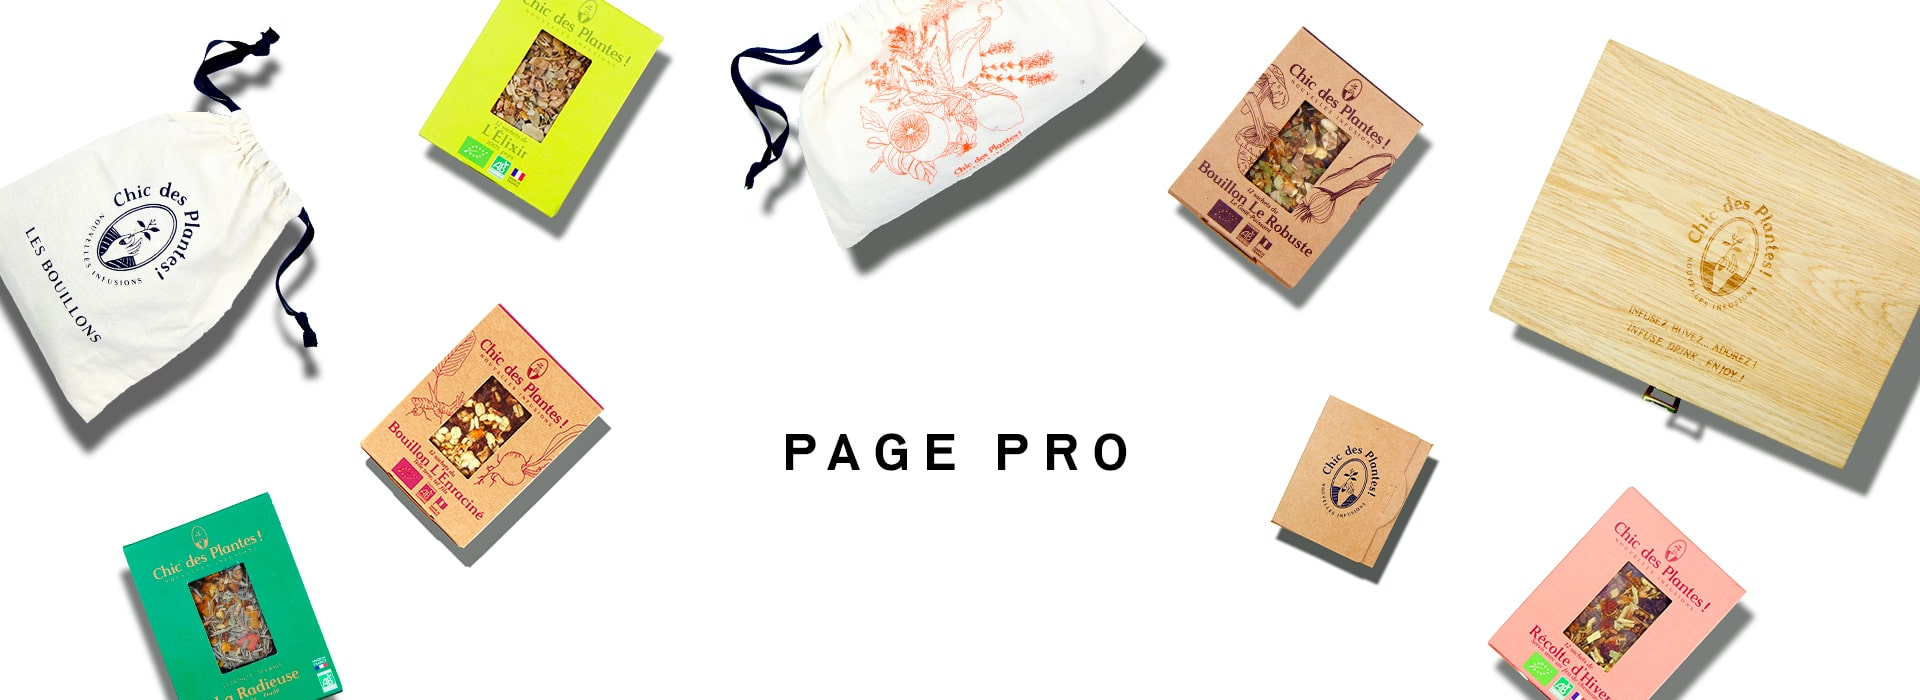 page-pro-min.jpg